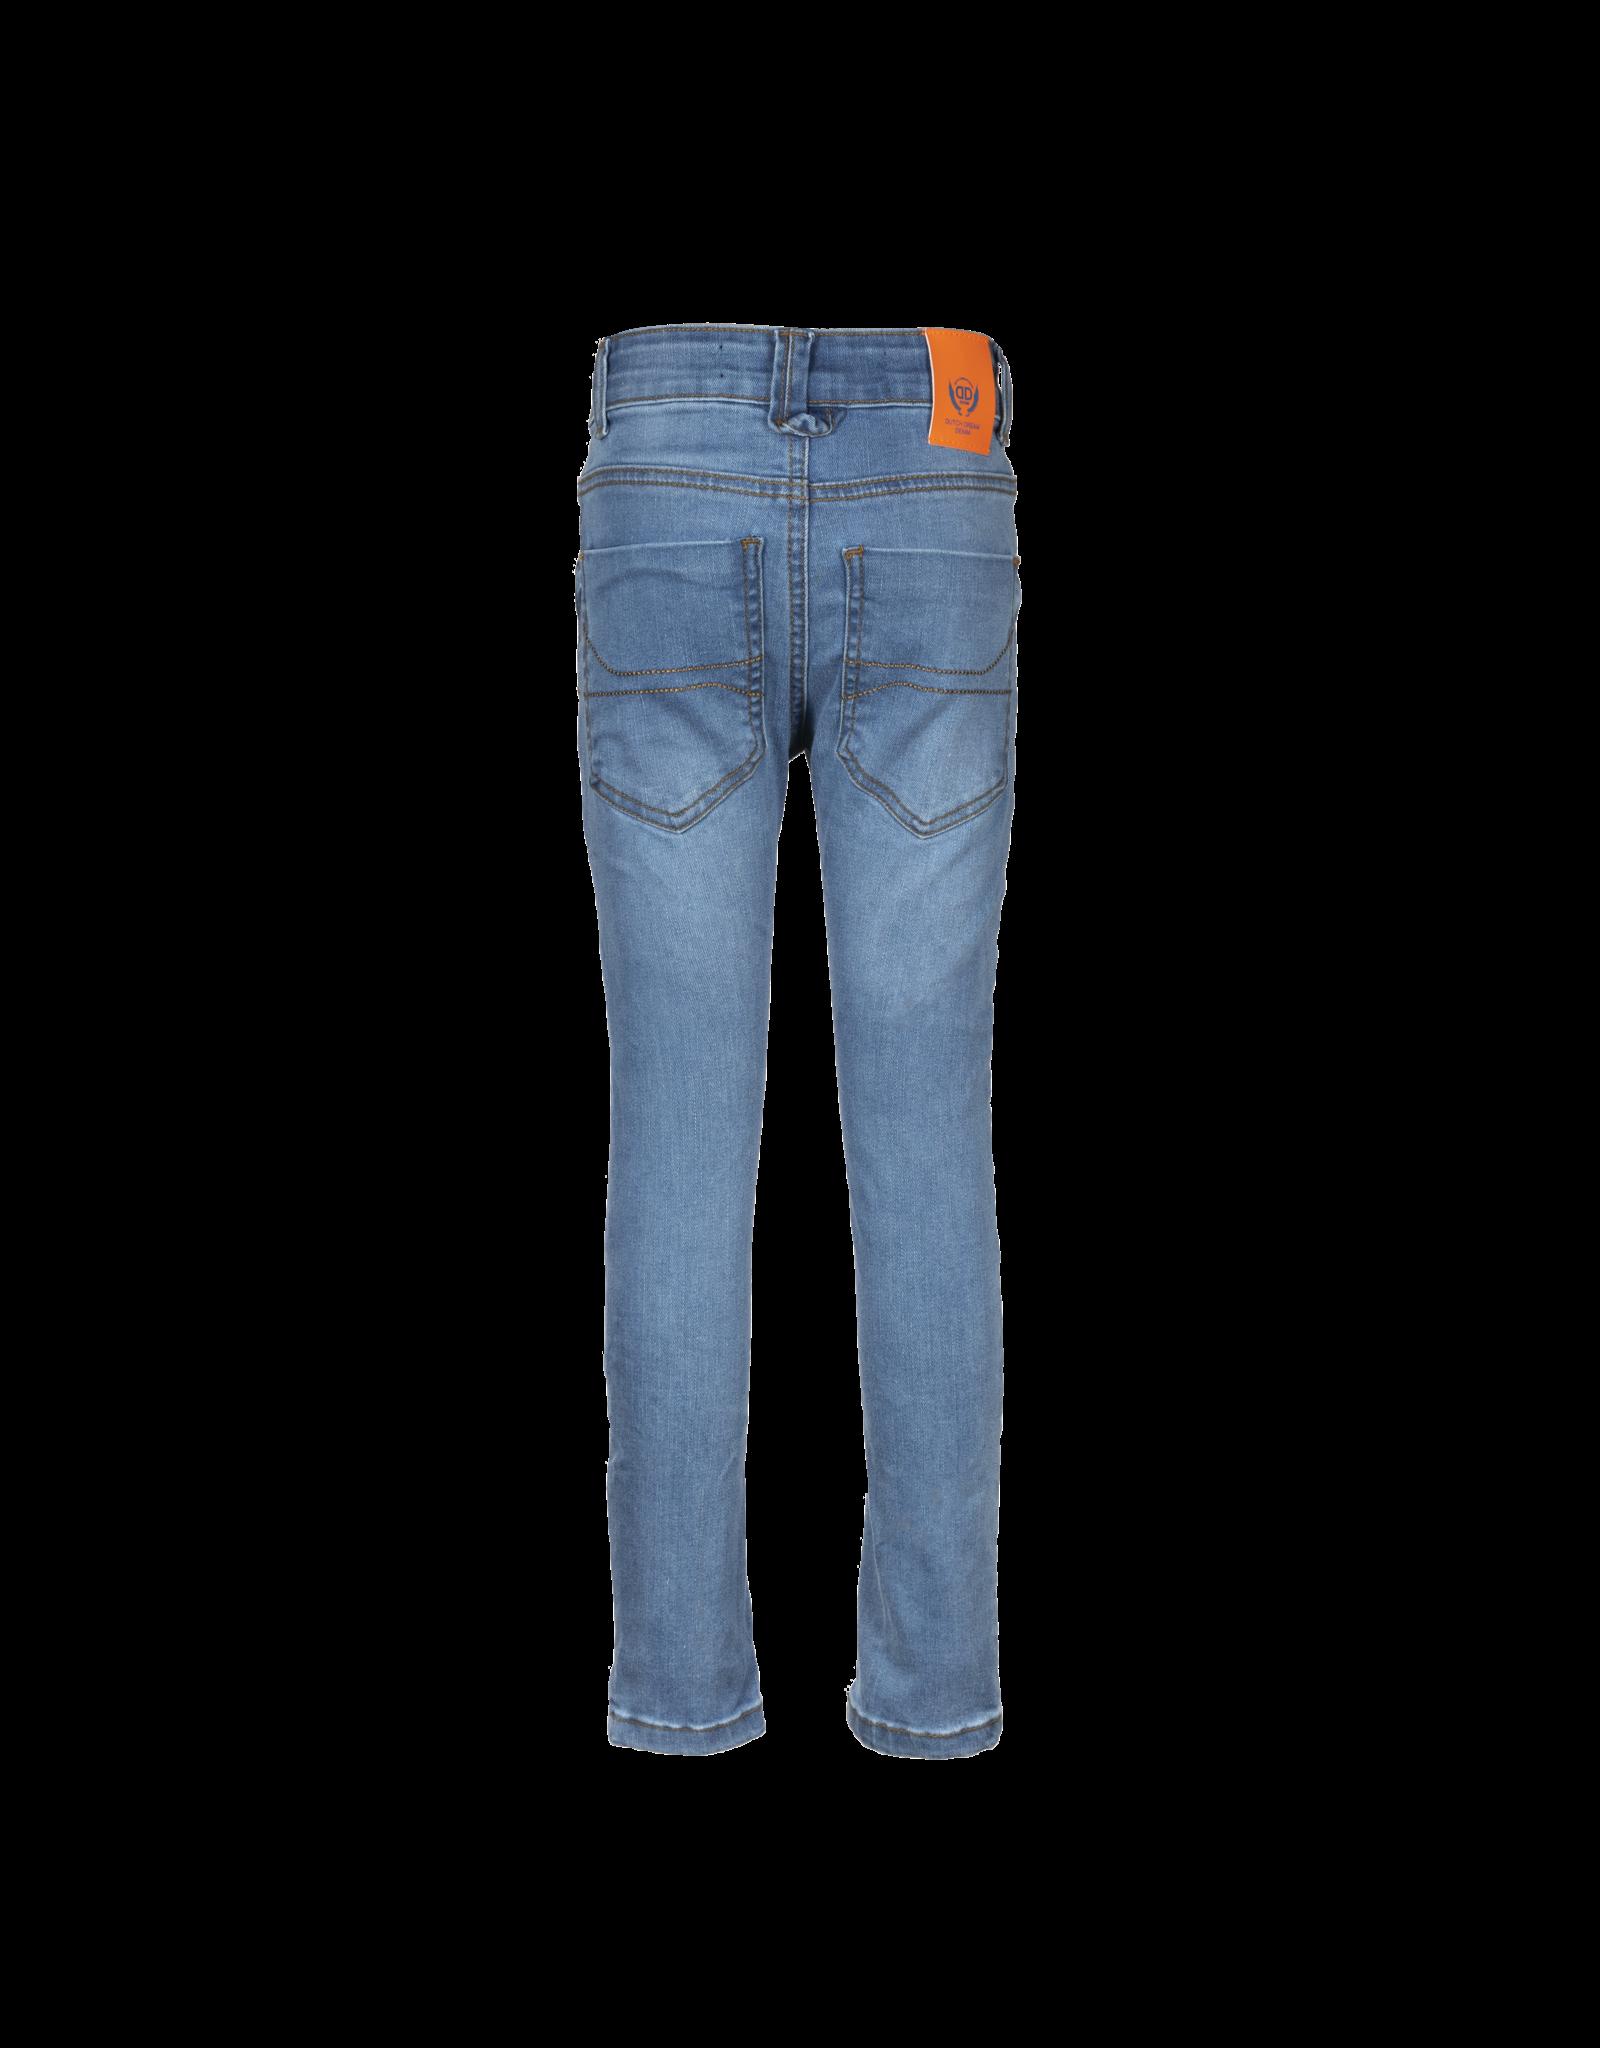 Dutch dream denim ZAMANI, EXTRA SLIM FIT power stretch jeans met dubbele laag stof op de knieën  blue